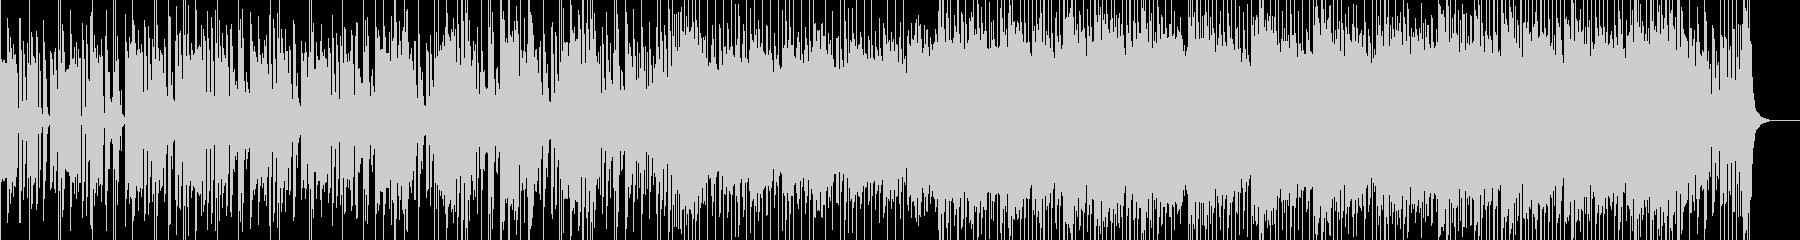 先進的なデジタルデバイスをイメージした曲の未再生の波形